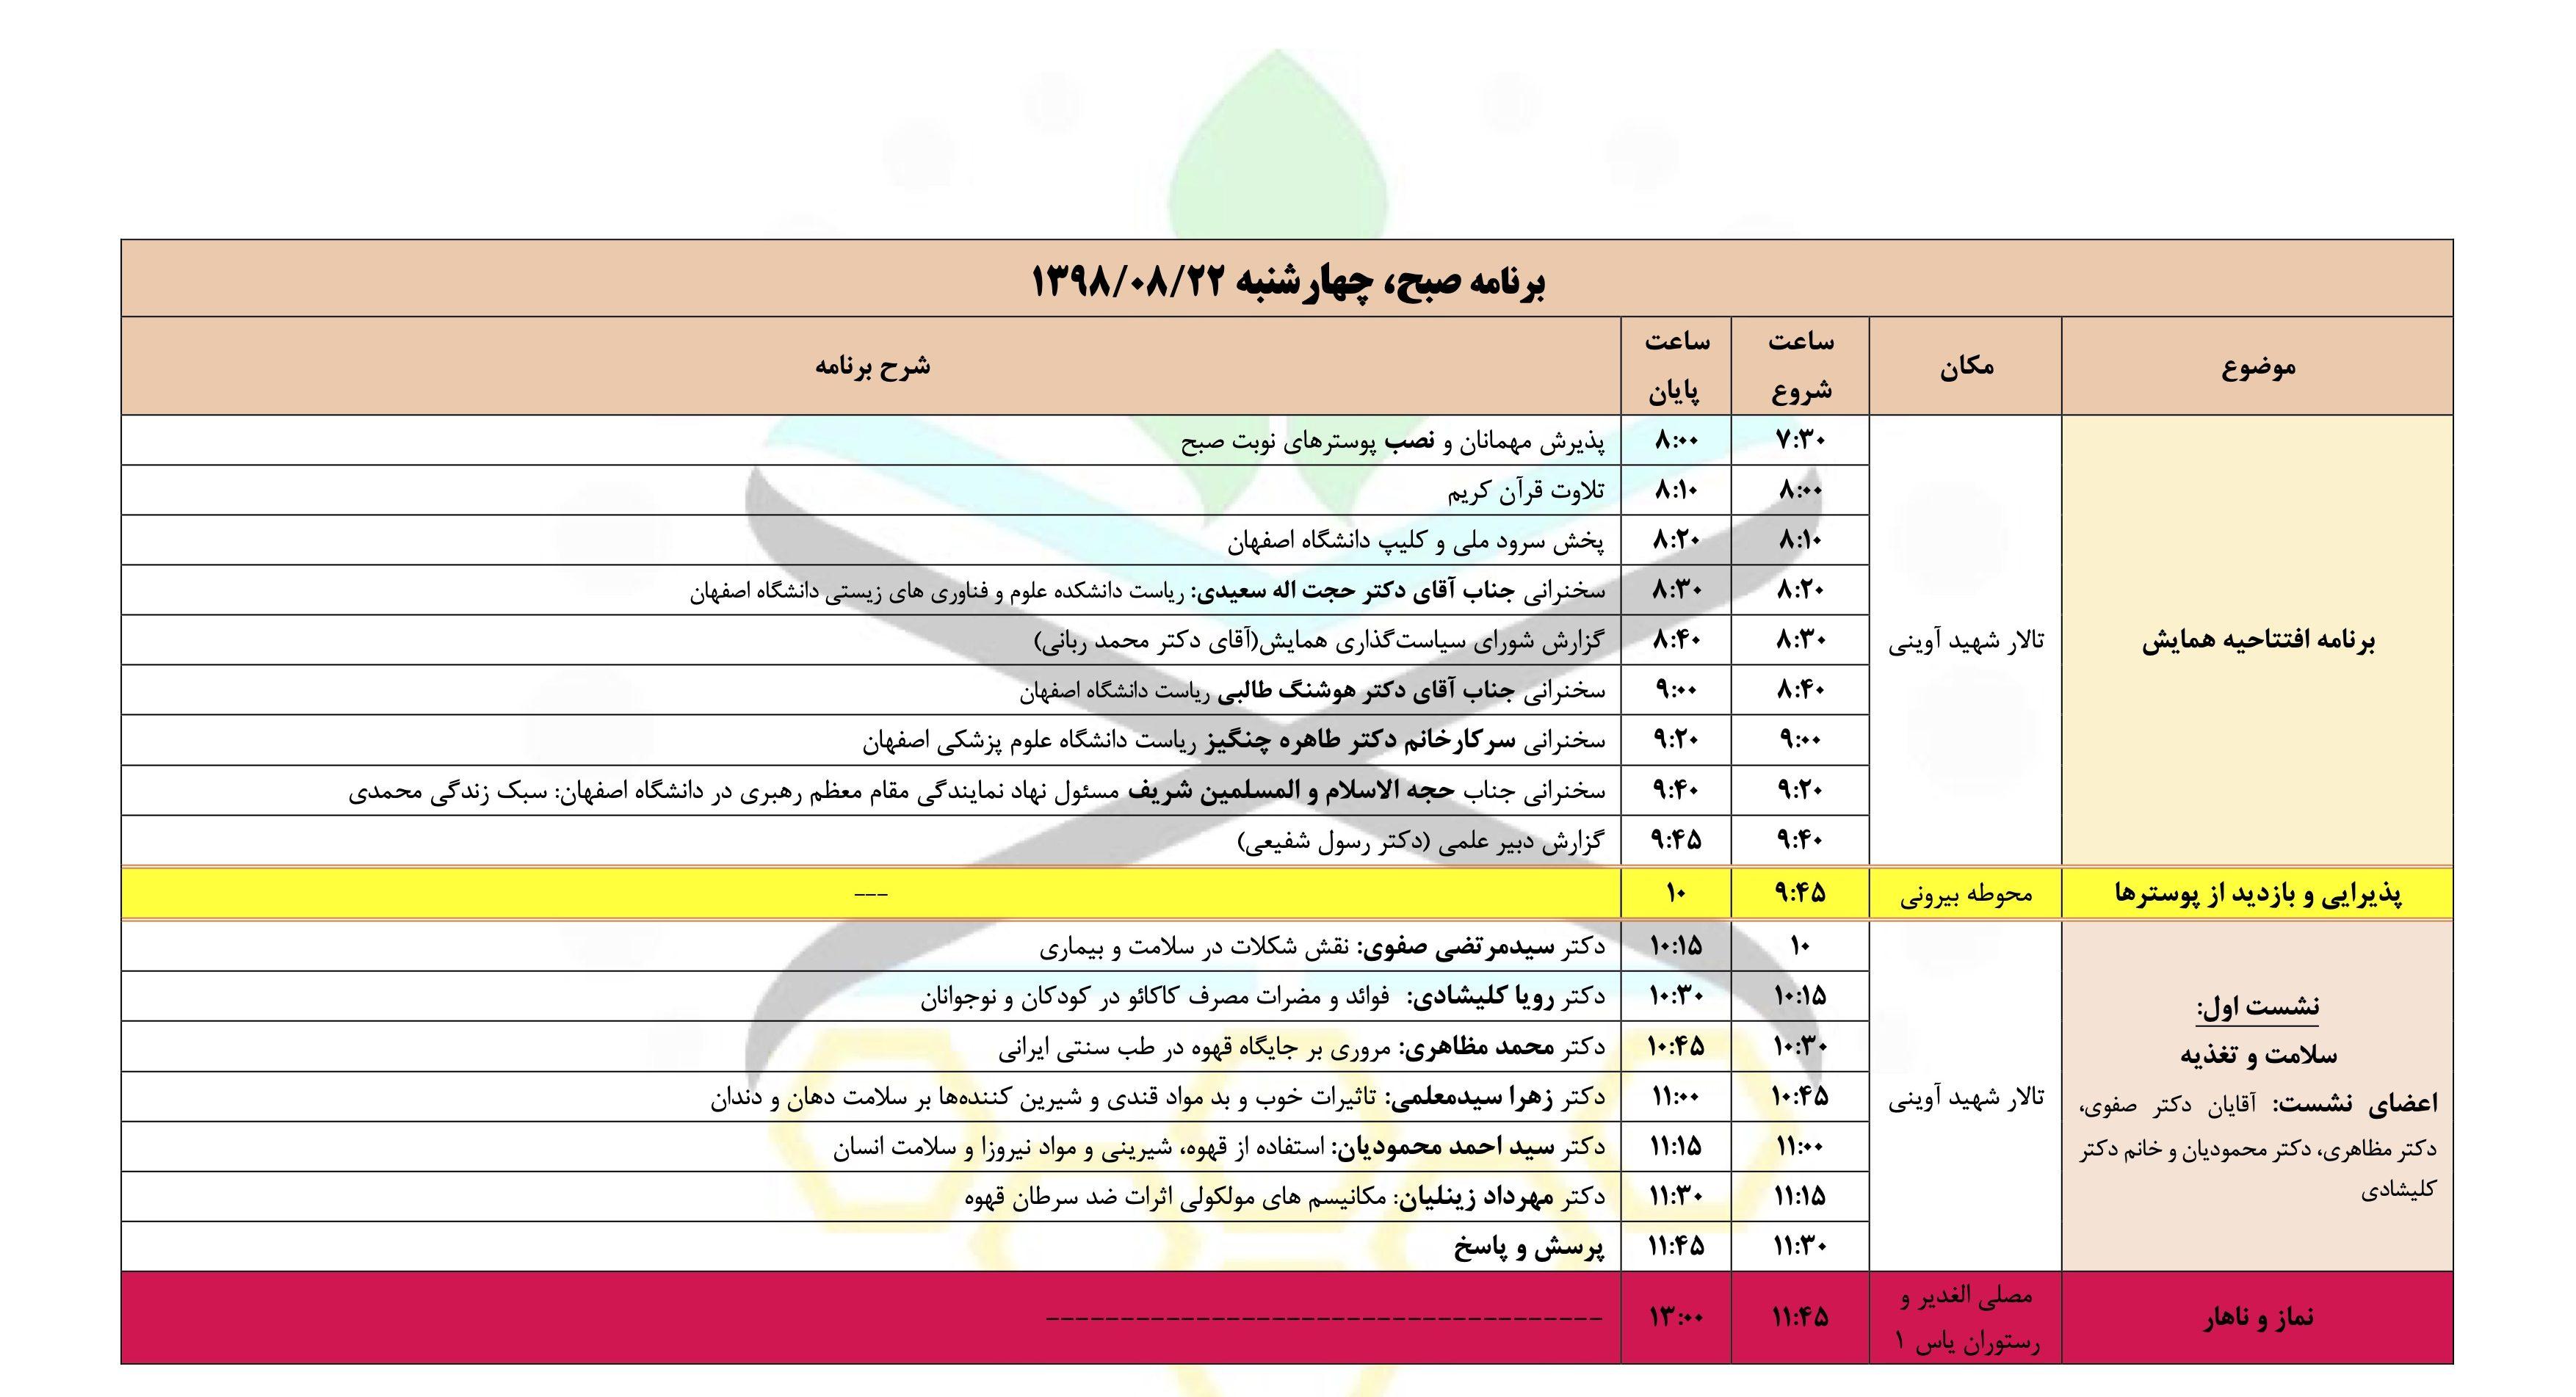 همایش قهوه اصفهان